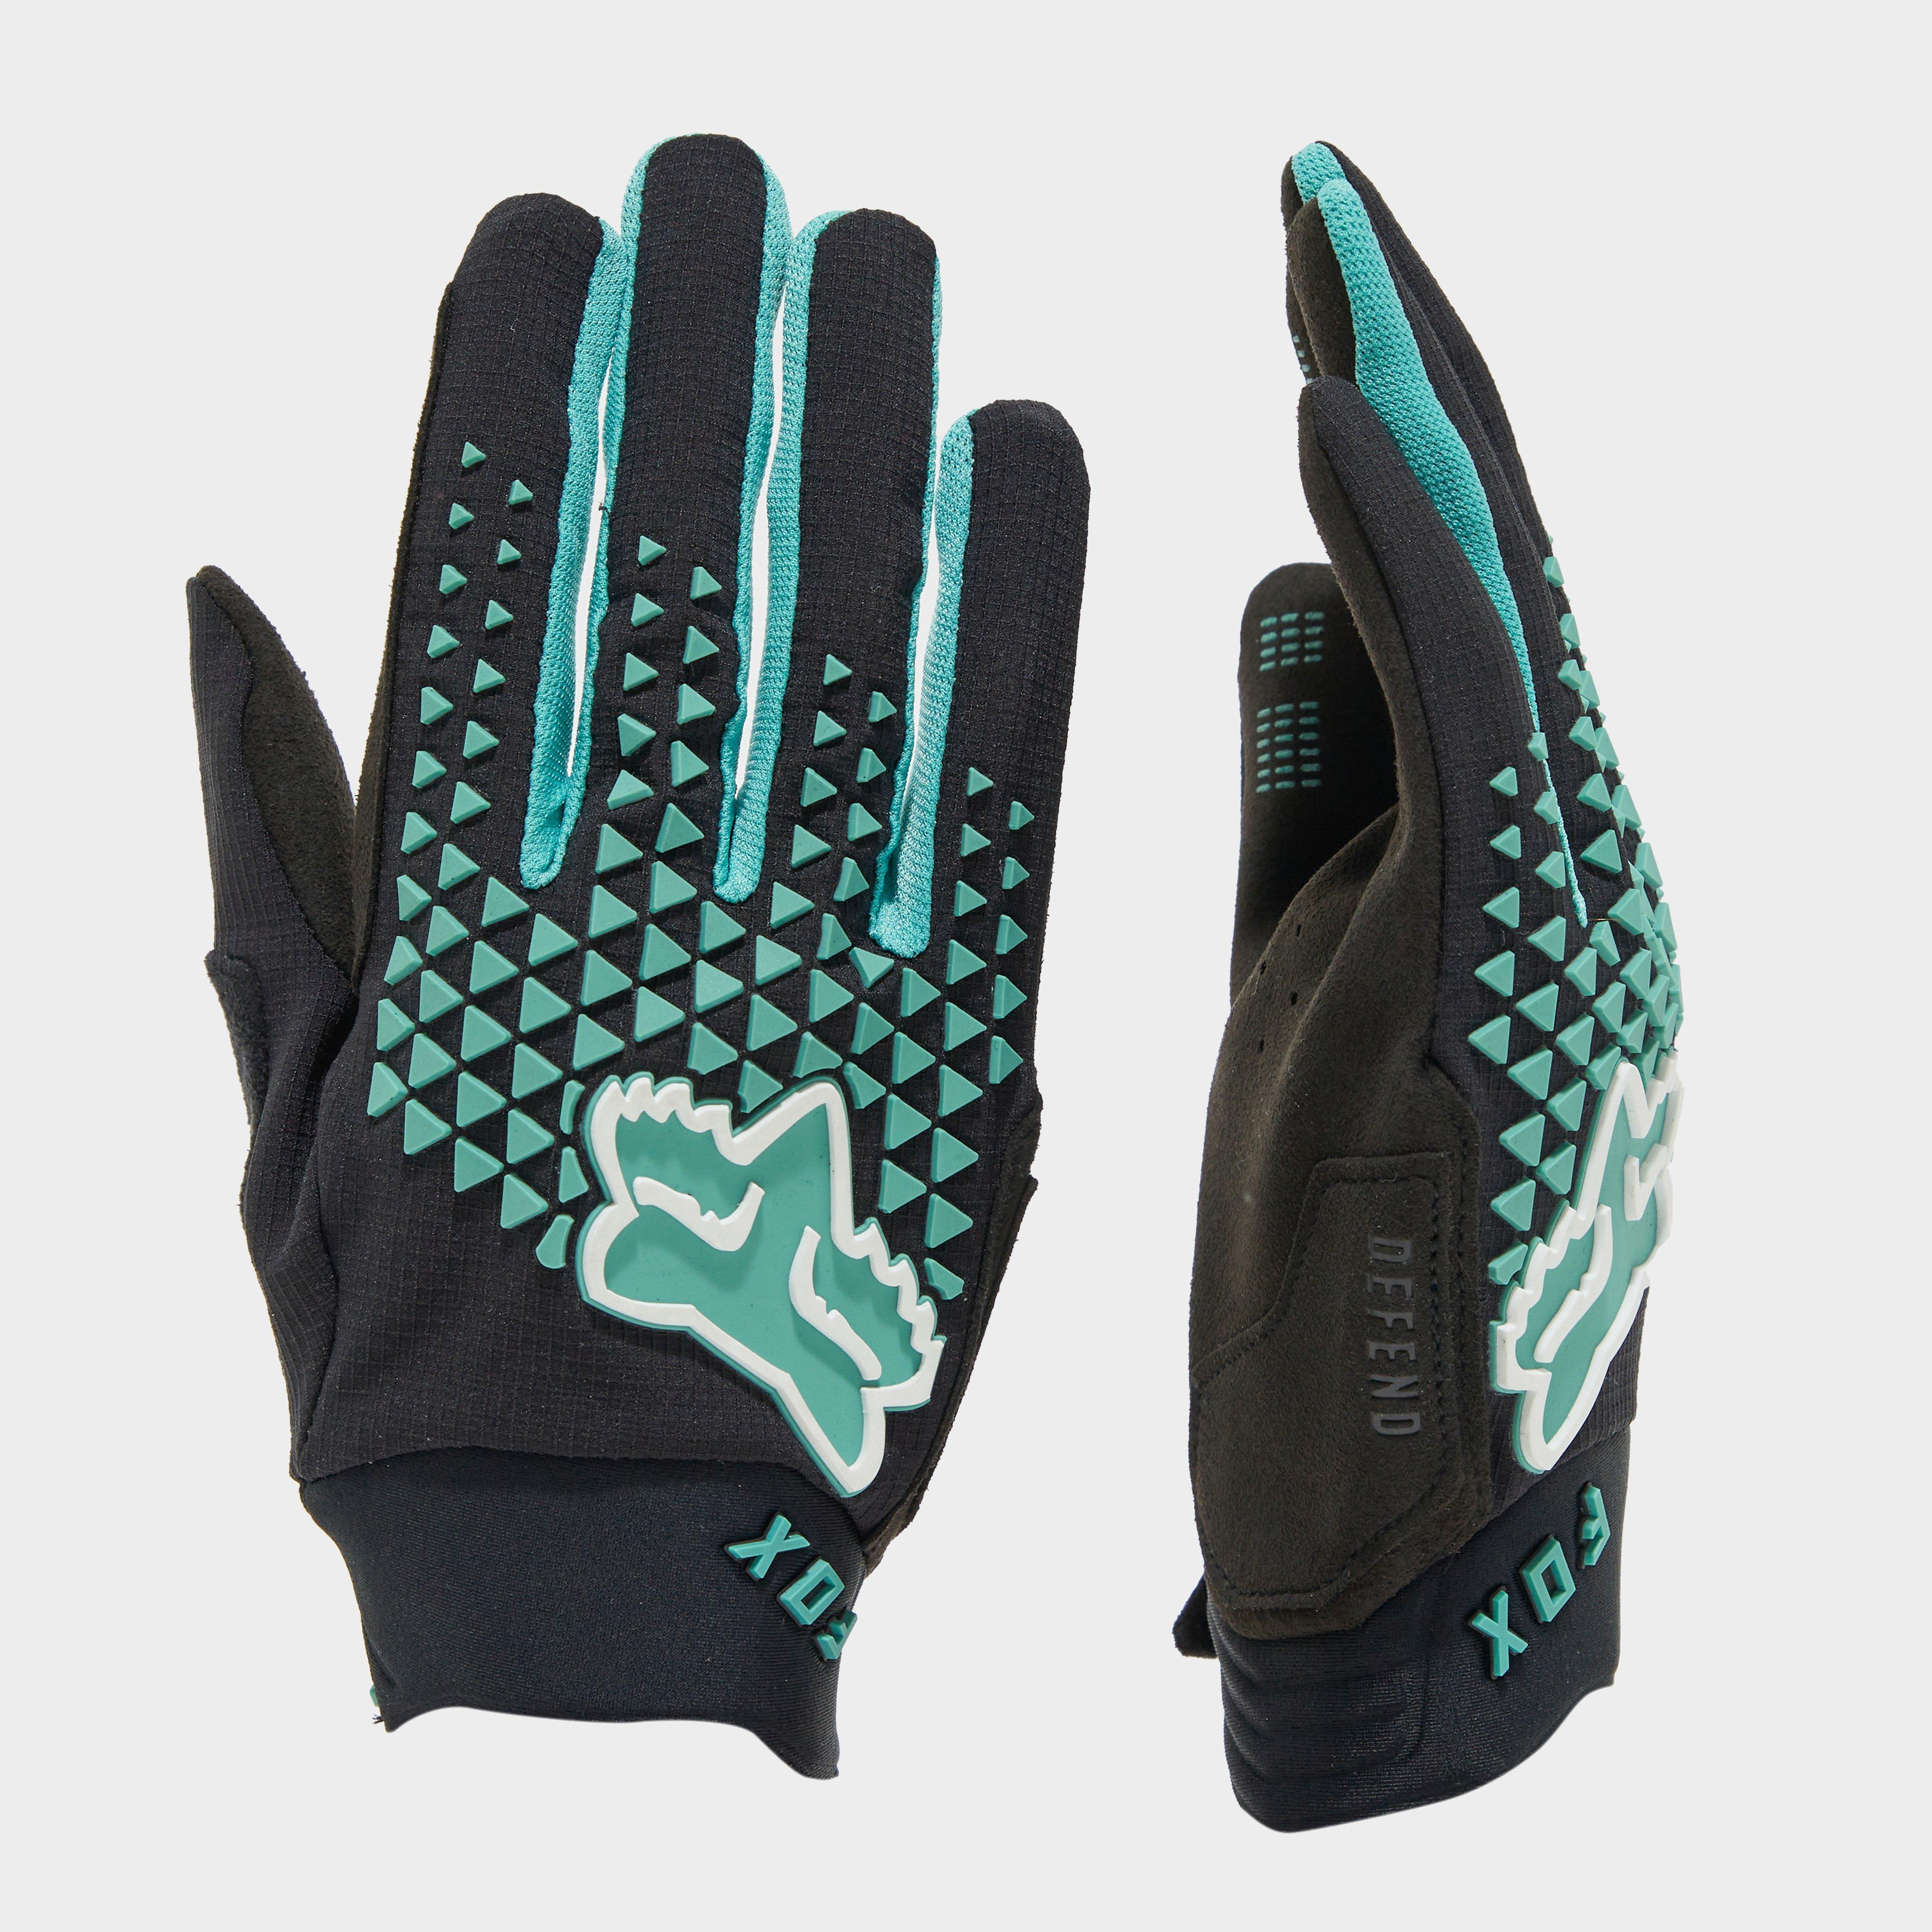 Fox Men's Defend Gloves - Black/Blue, Black/Blue